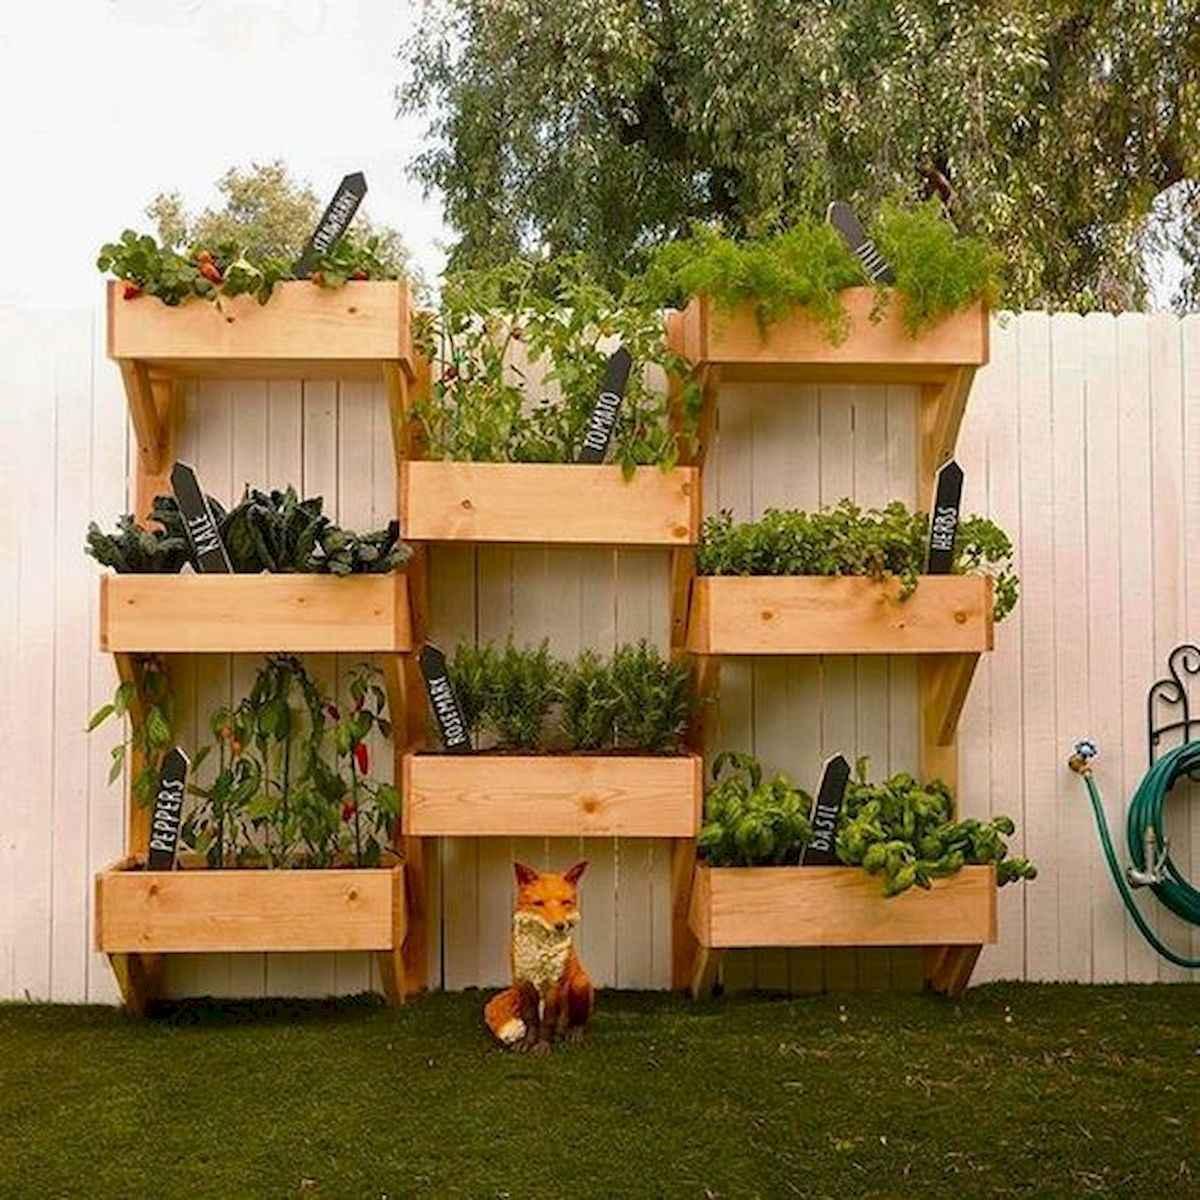 90 lovely backyard garden design ideas for summer (72)